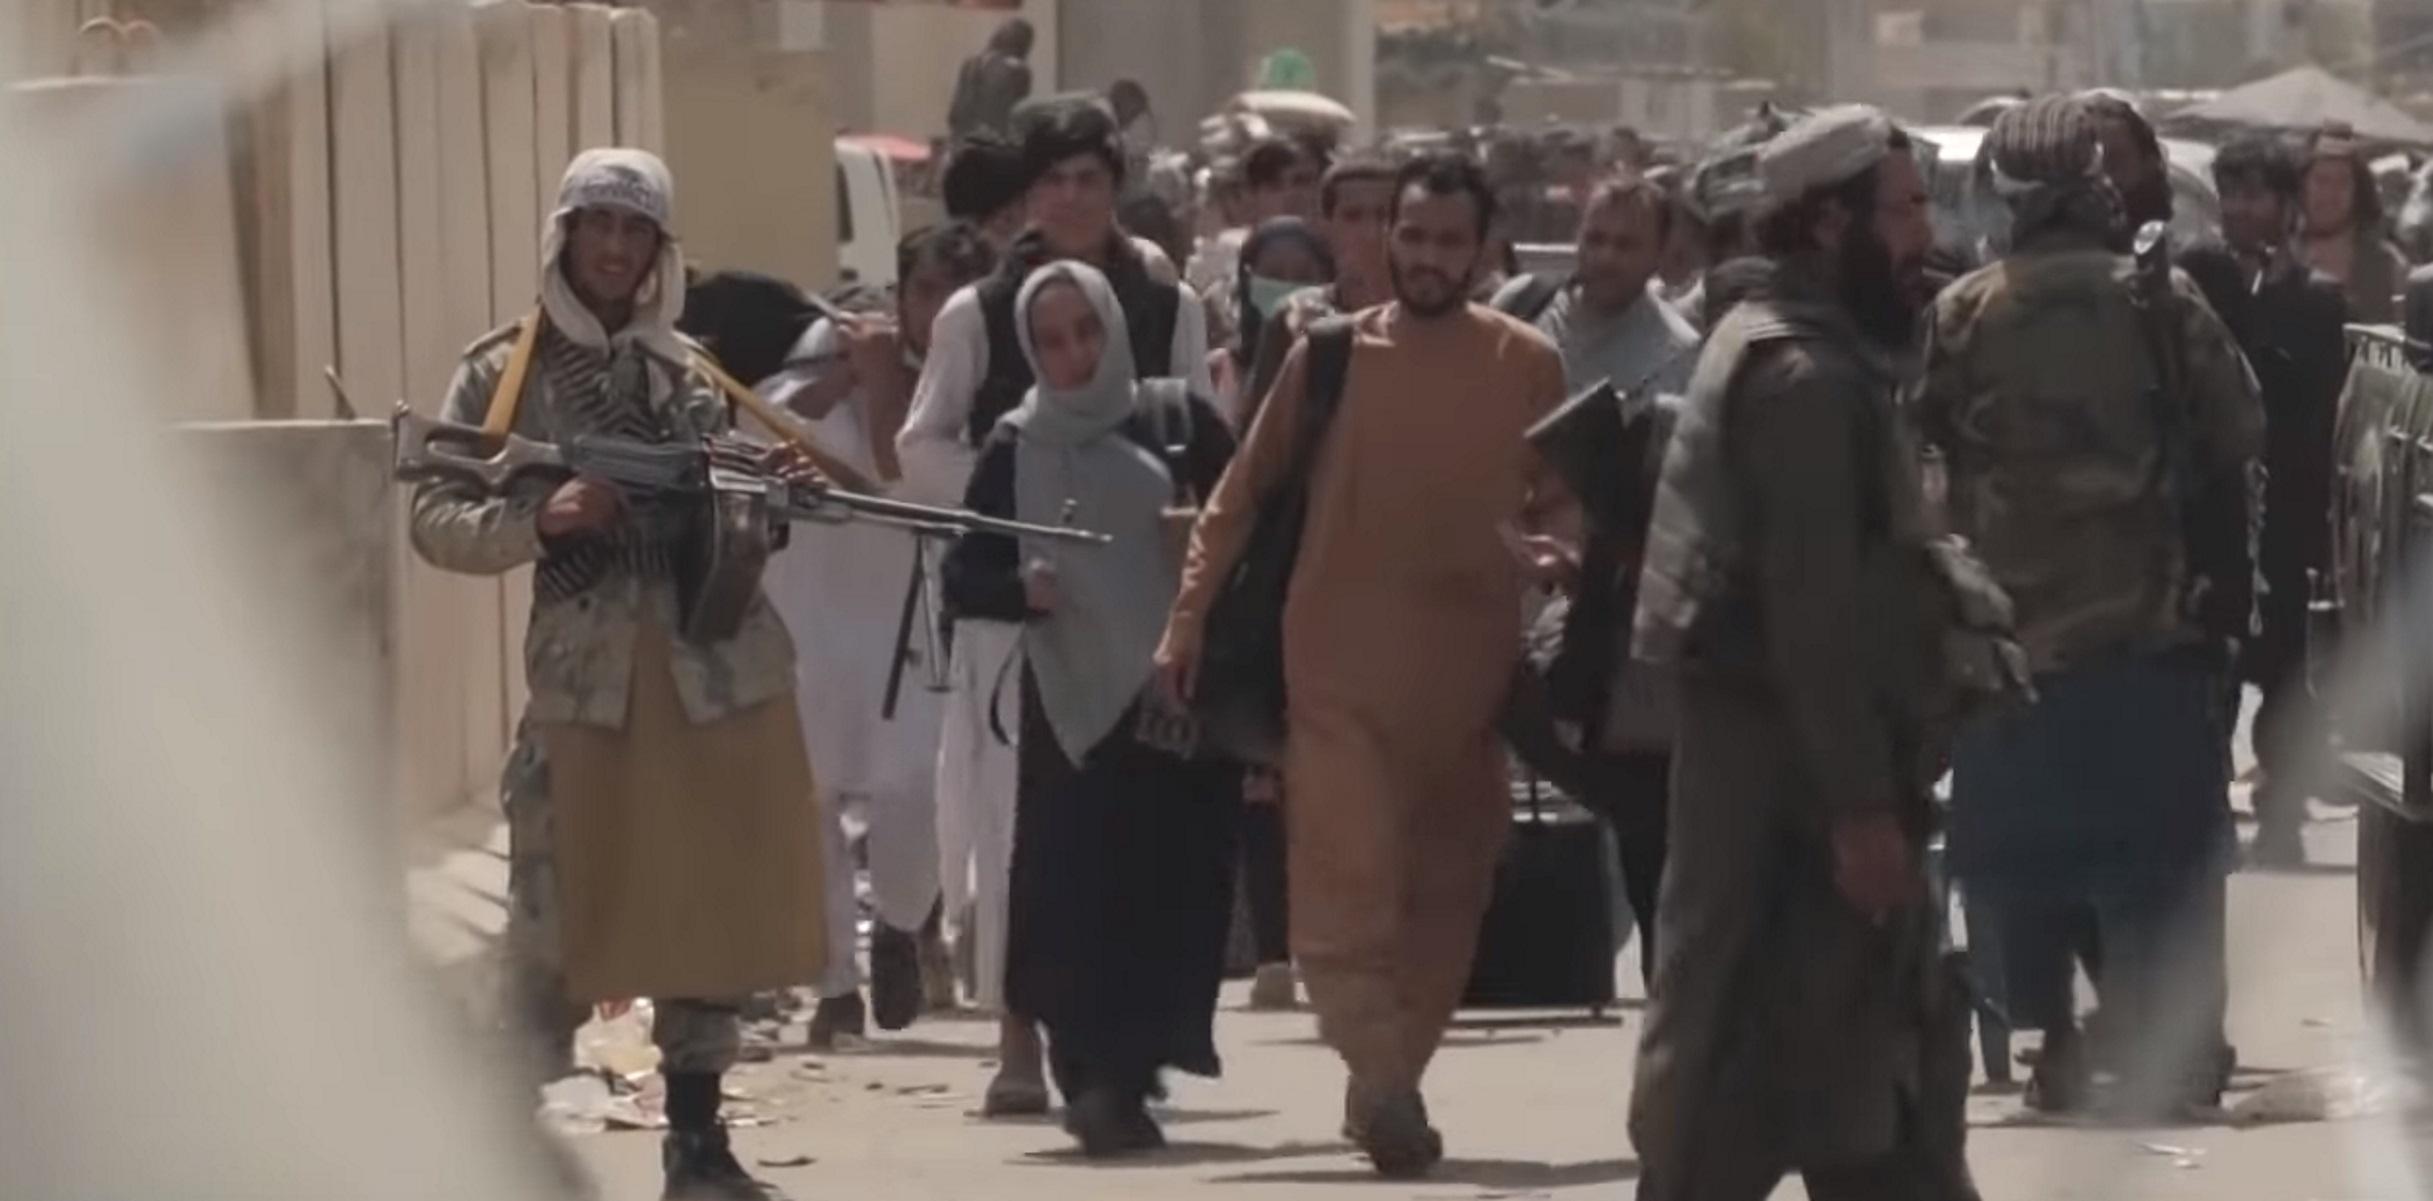 Αφγανιστάν: Δύο Αφγανοί που ζουν στη Θεσσαλονίκη περιγράφουν την κόλαση των Ταλιμπάν